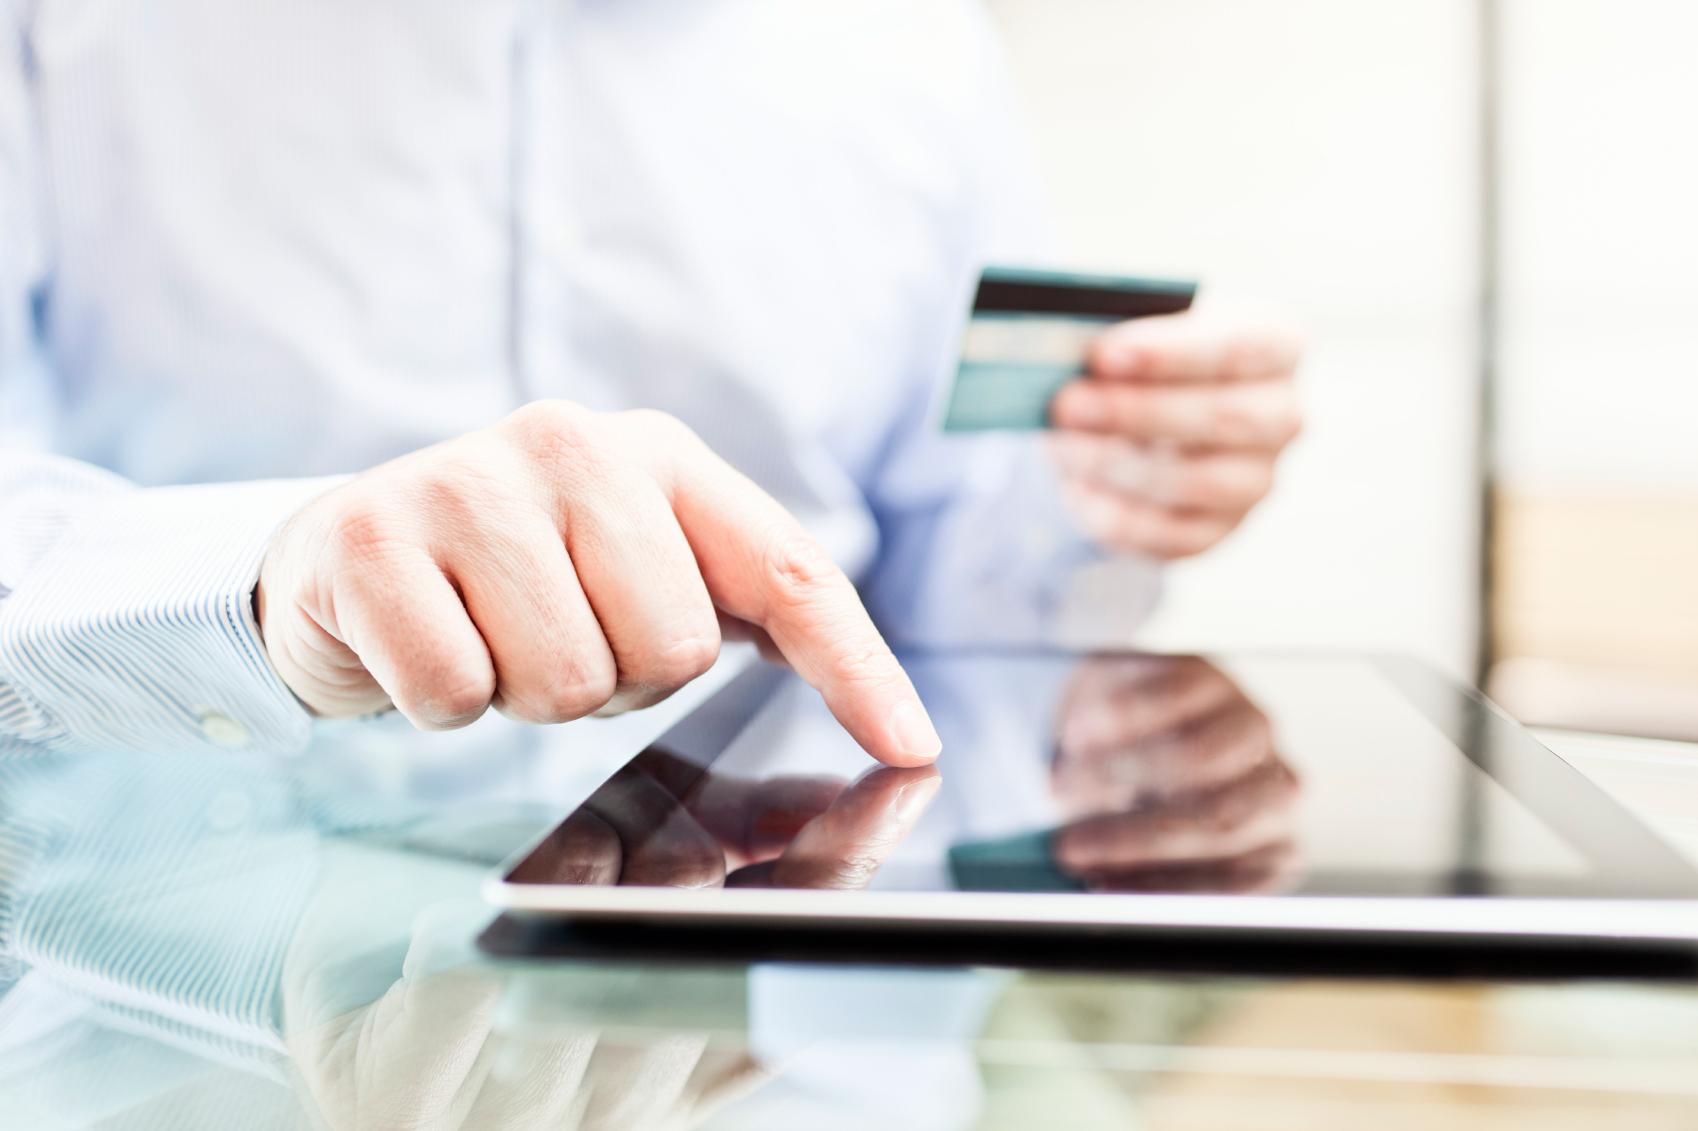 tienda-online-ecommerce-conversion-ventas